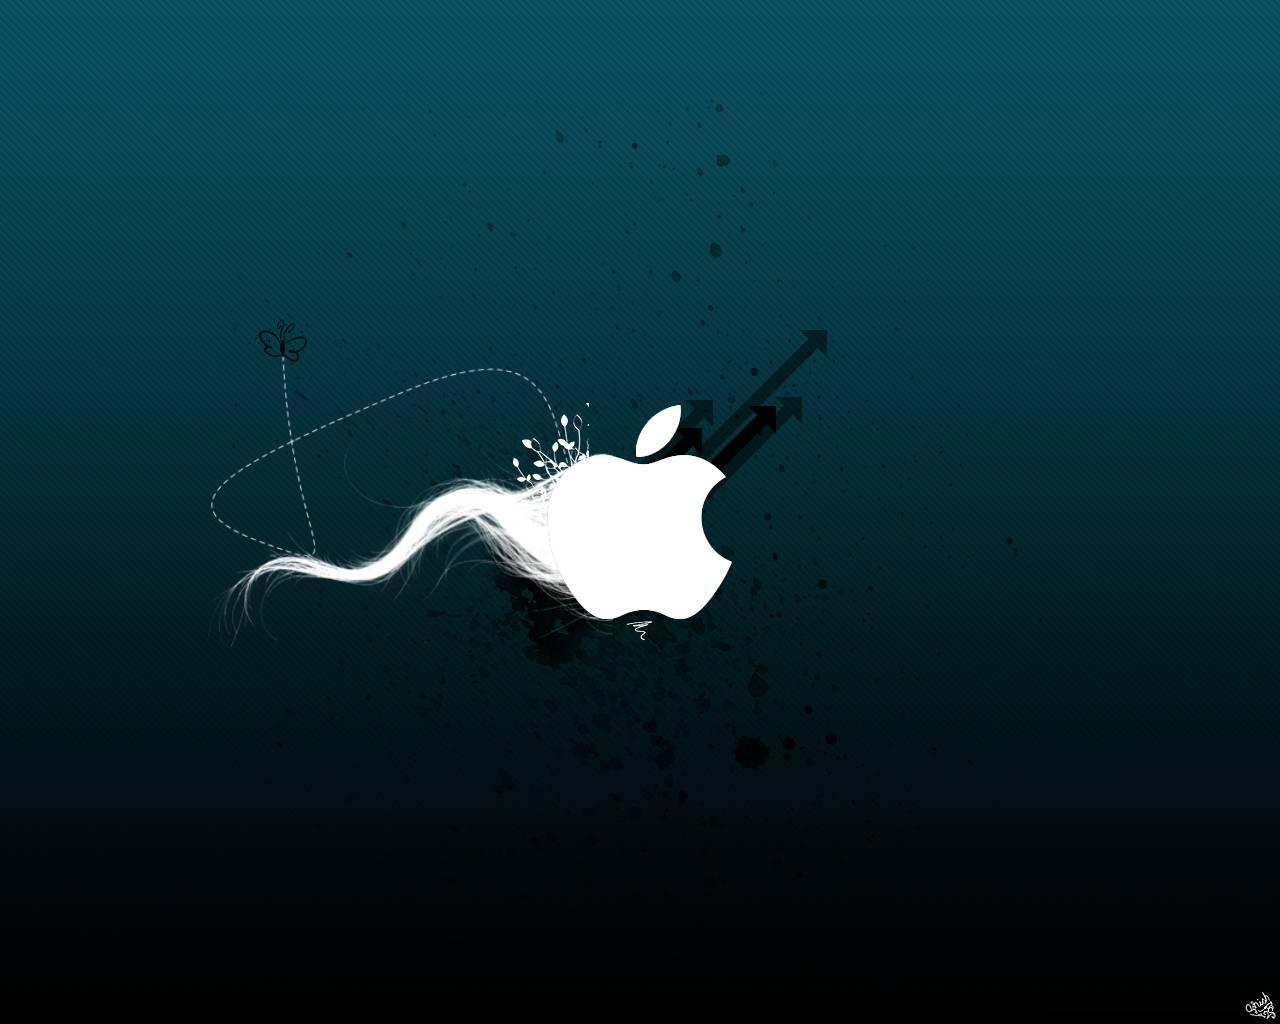 apple beach wallpaper - wallpapersafari